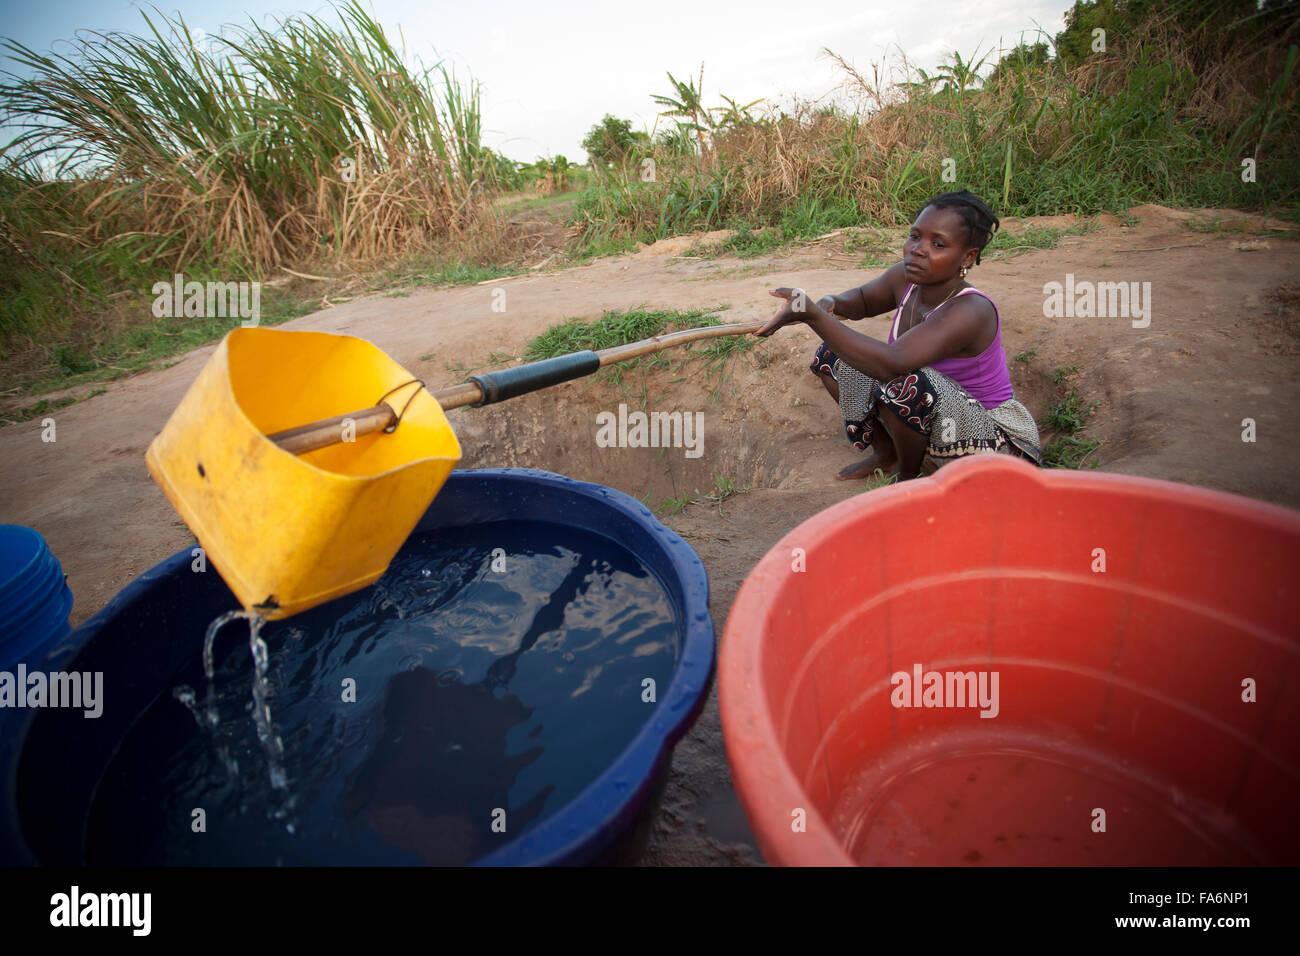 Residenti attingere acqua fangosa da mano-scavò fonti a Nampula, Mozambico. Immagini Stock